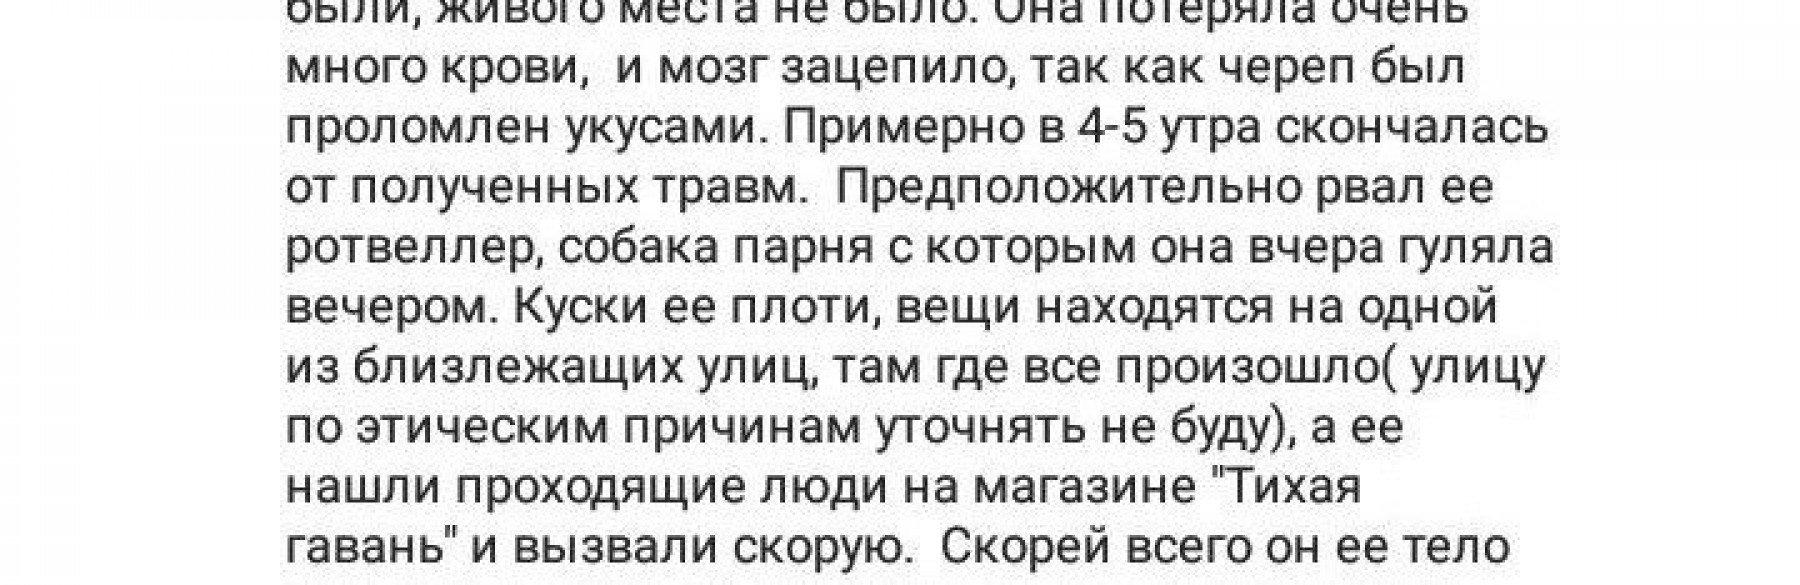 Собака загрызла насмерть молодую девушку: детали ЧП в Николаевской области